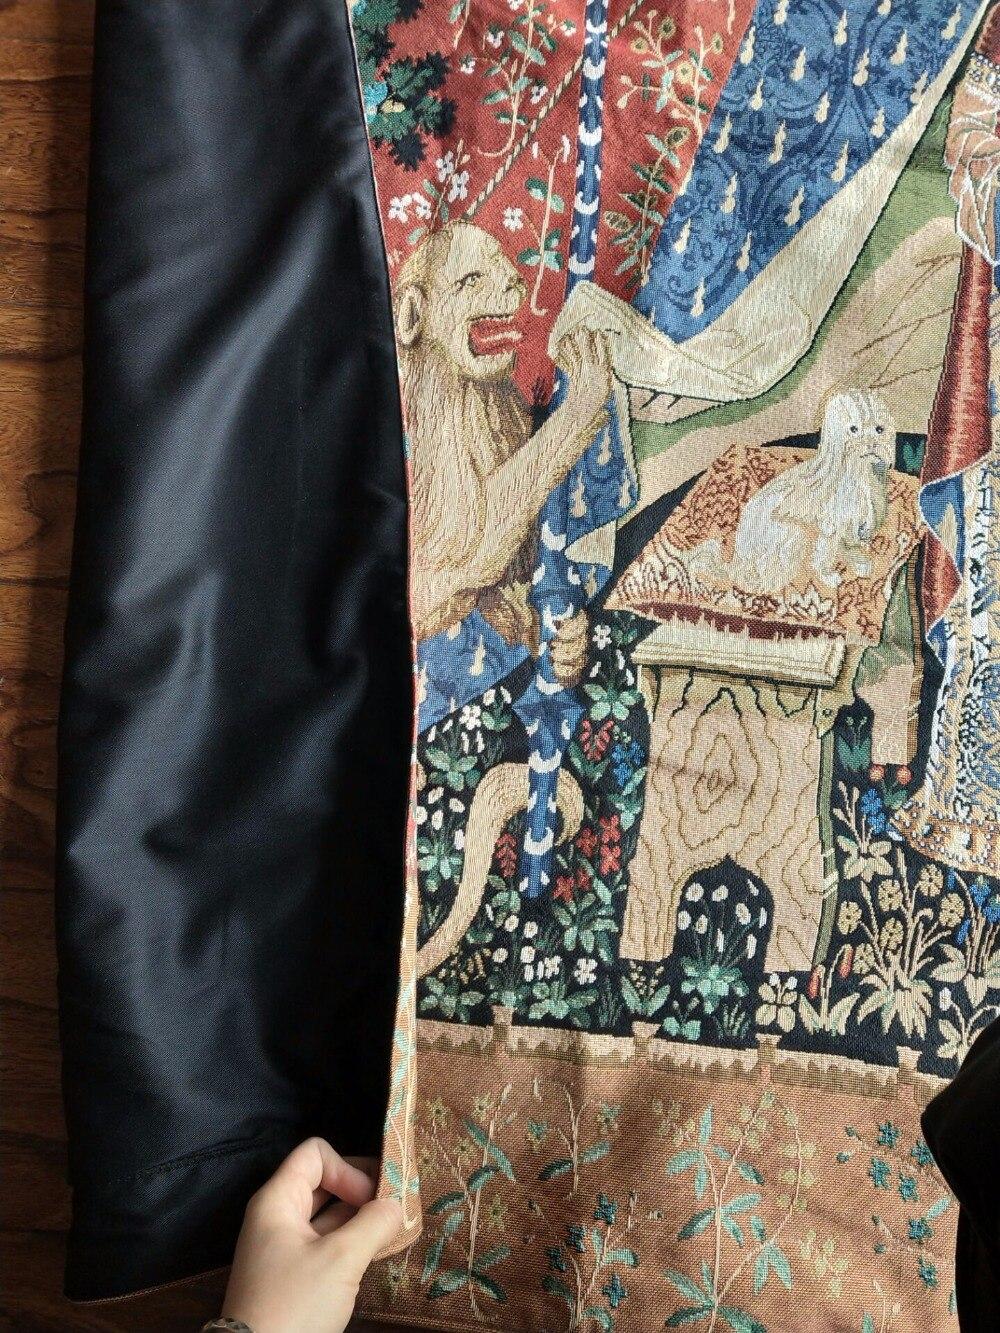 Unicorn serie noblelady vestito le donne grande formato 165*139 centimetri decorativo tessuto jacauard medievale appeso a parete arazzo PT 76 - 5